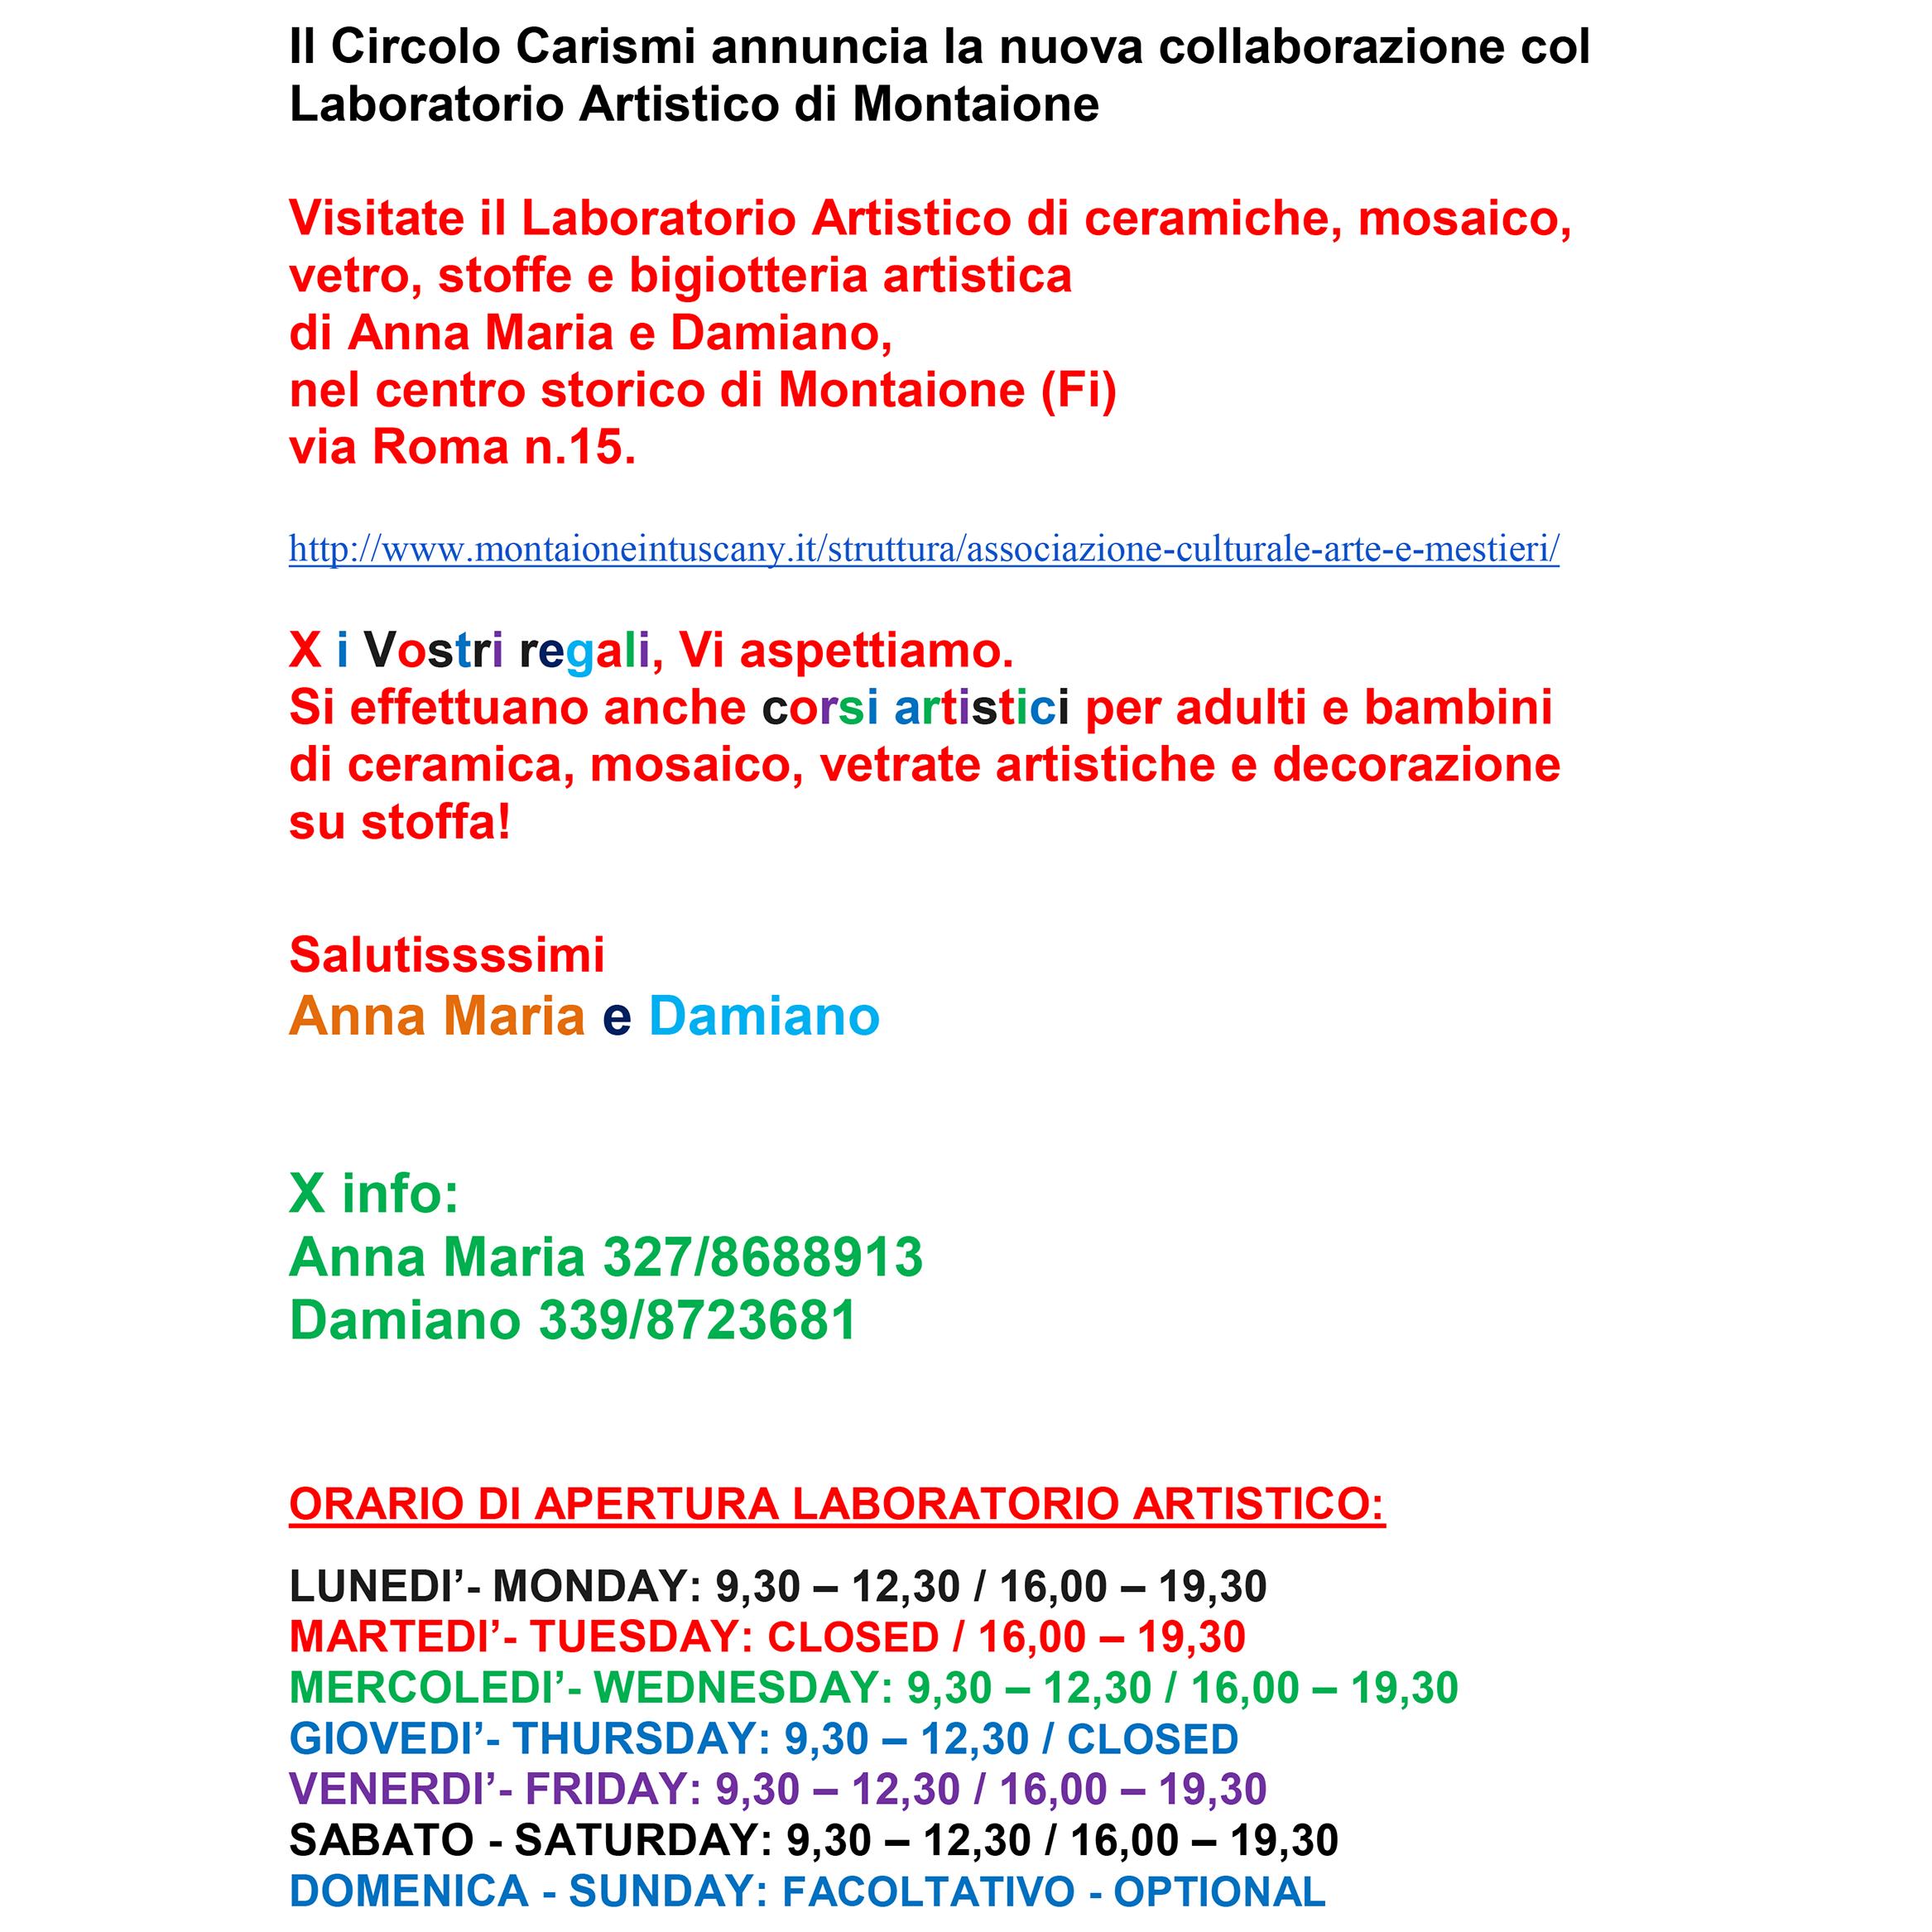 Laboratorio artistico a Montaione (FI)